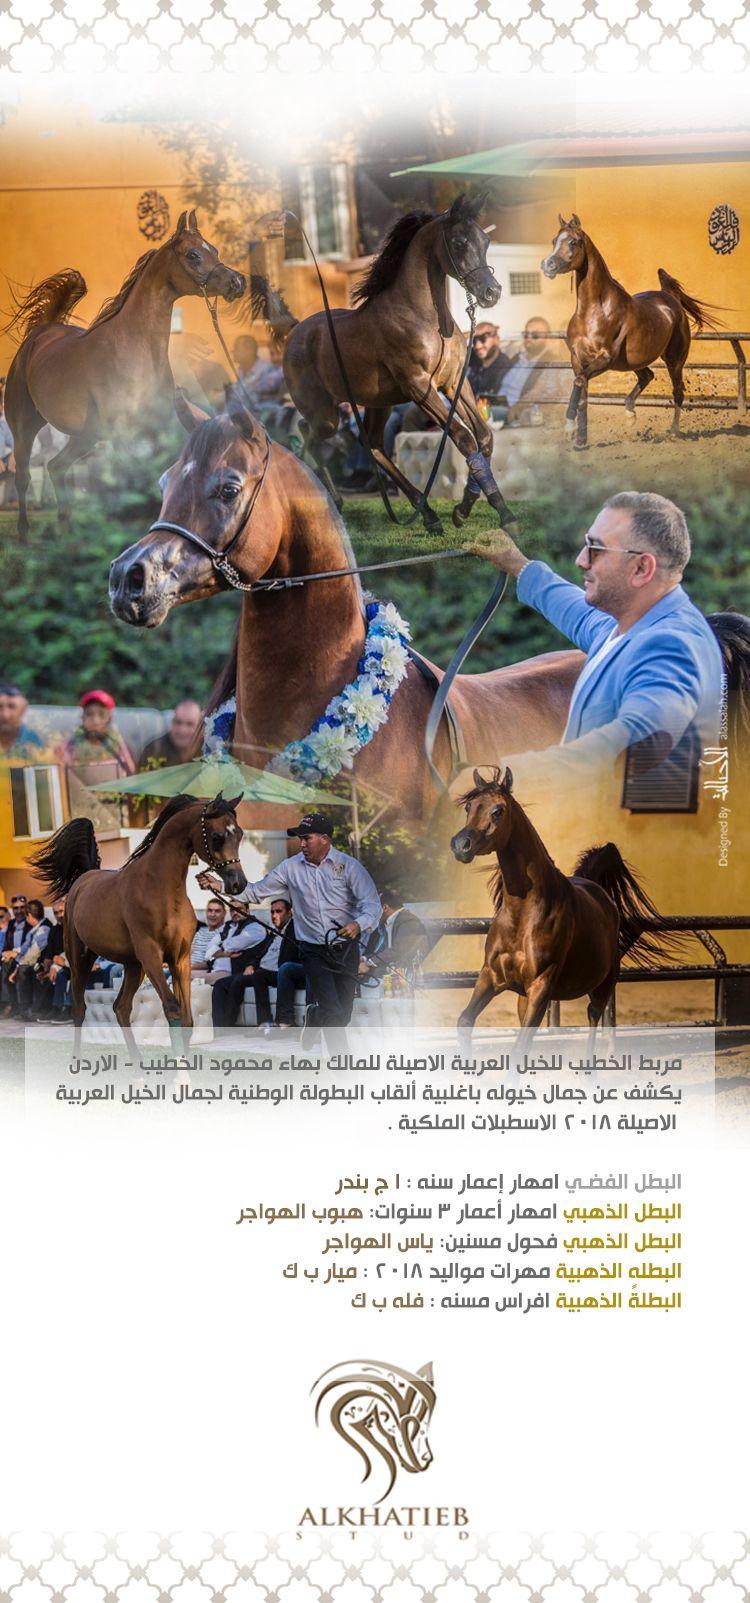 مربط الخطيب يستحوذ على اثمن القاب البطولة الوطنية بالأردن